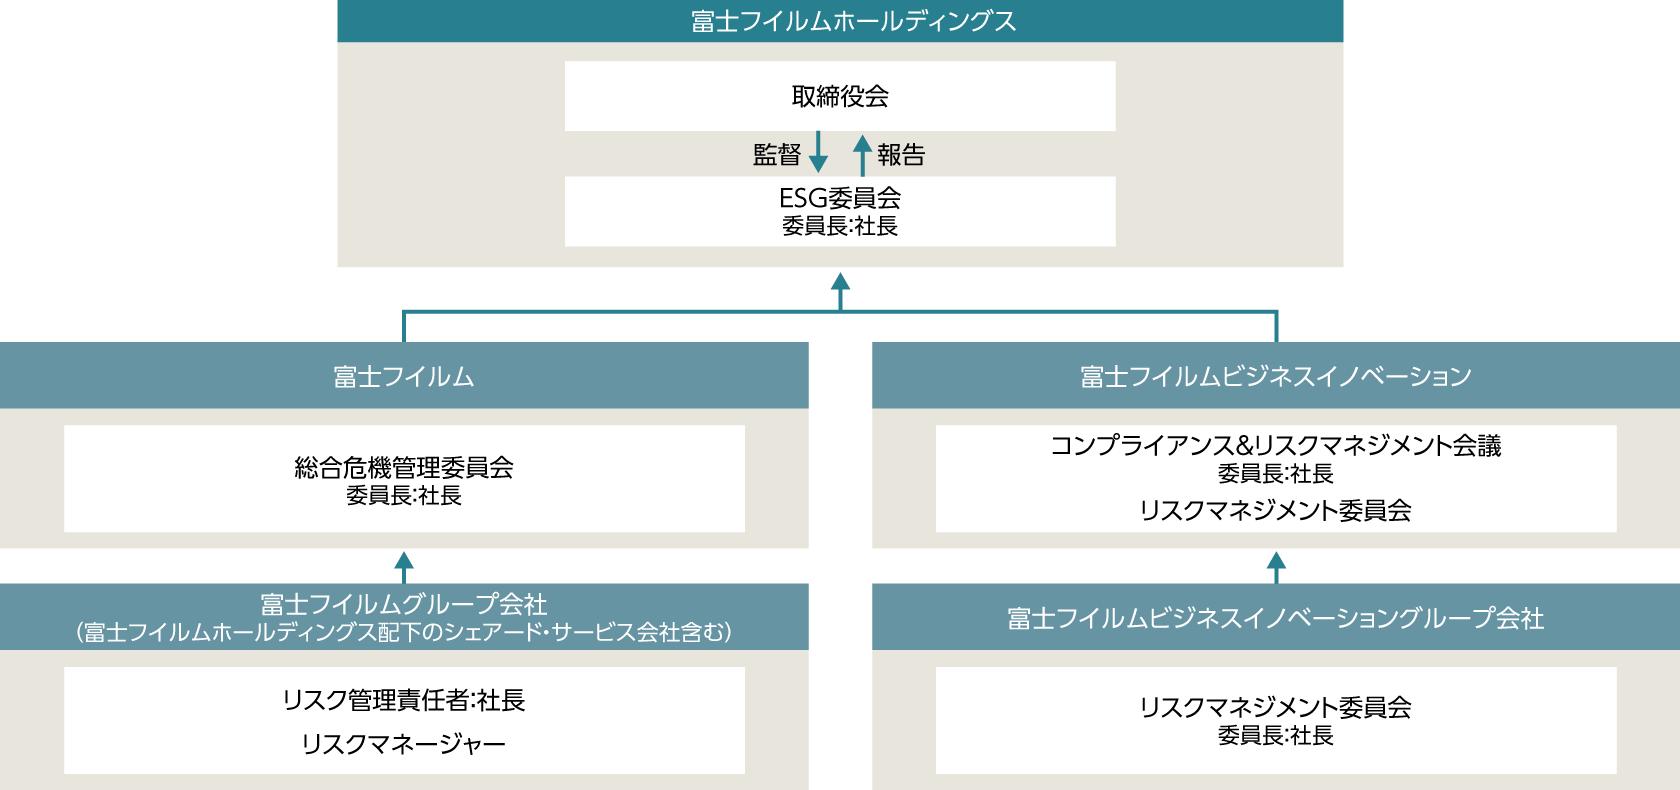 富士フイルムグループ コンプライアンス&リスクマネジメント推進体制